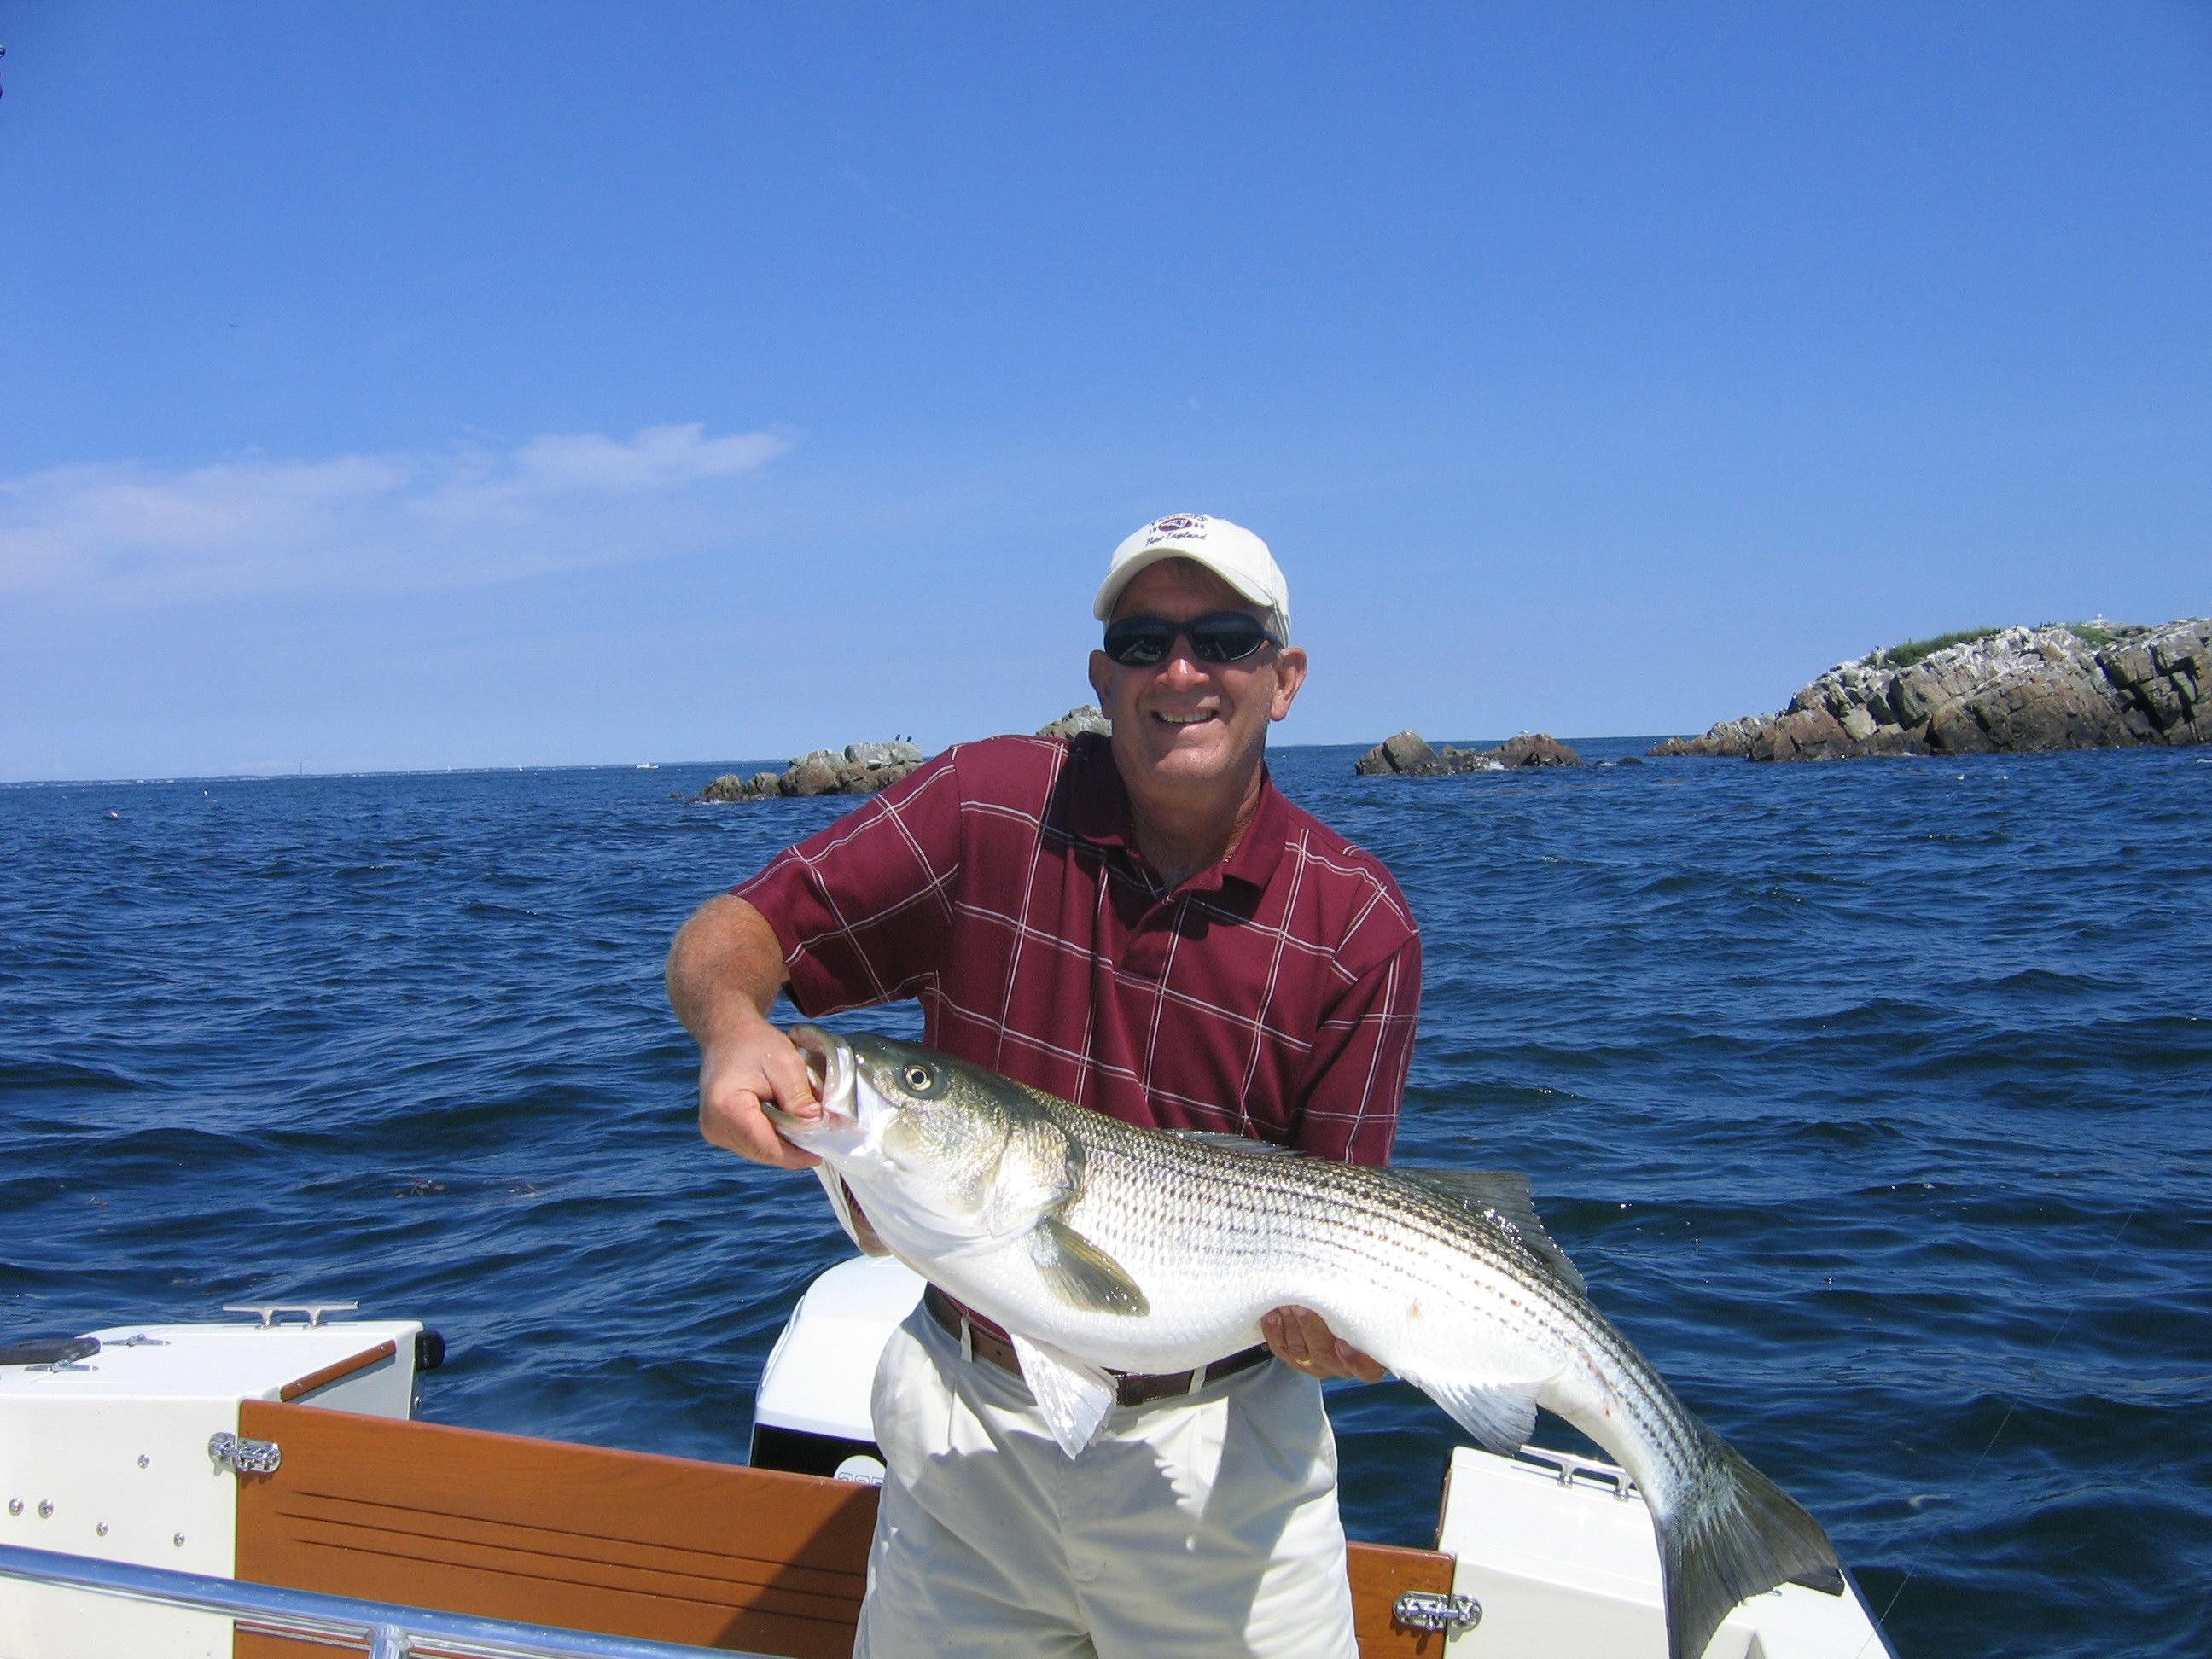 Fishing5